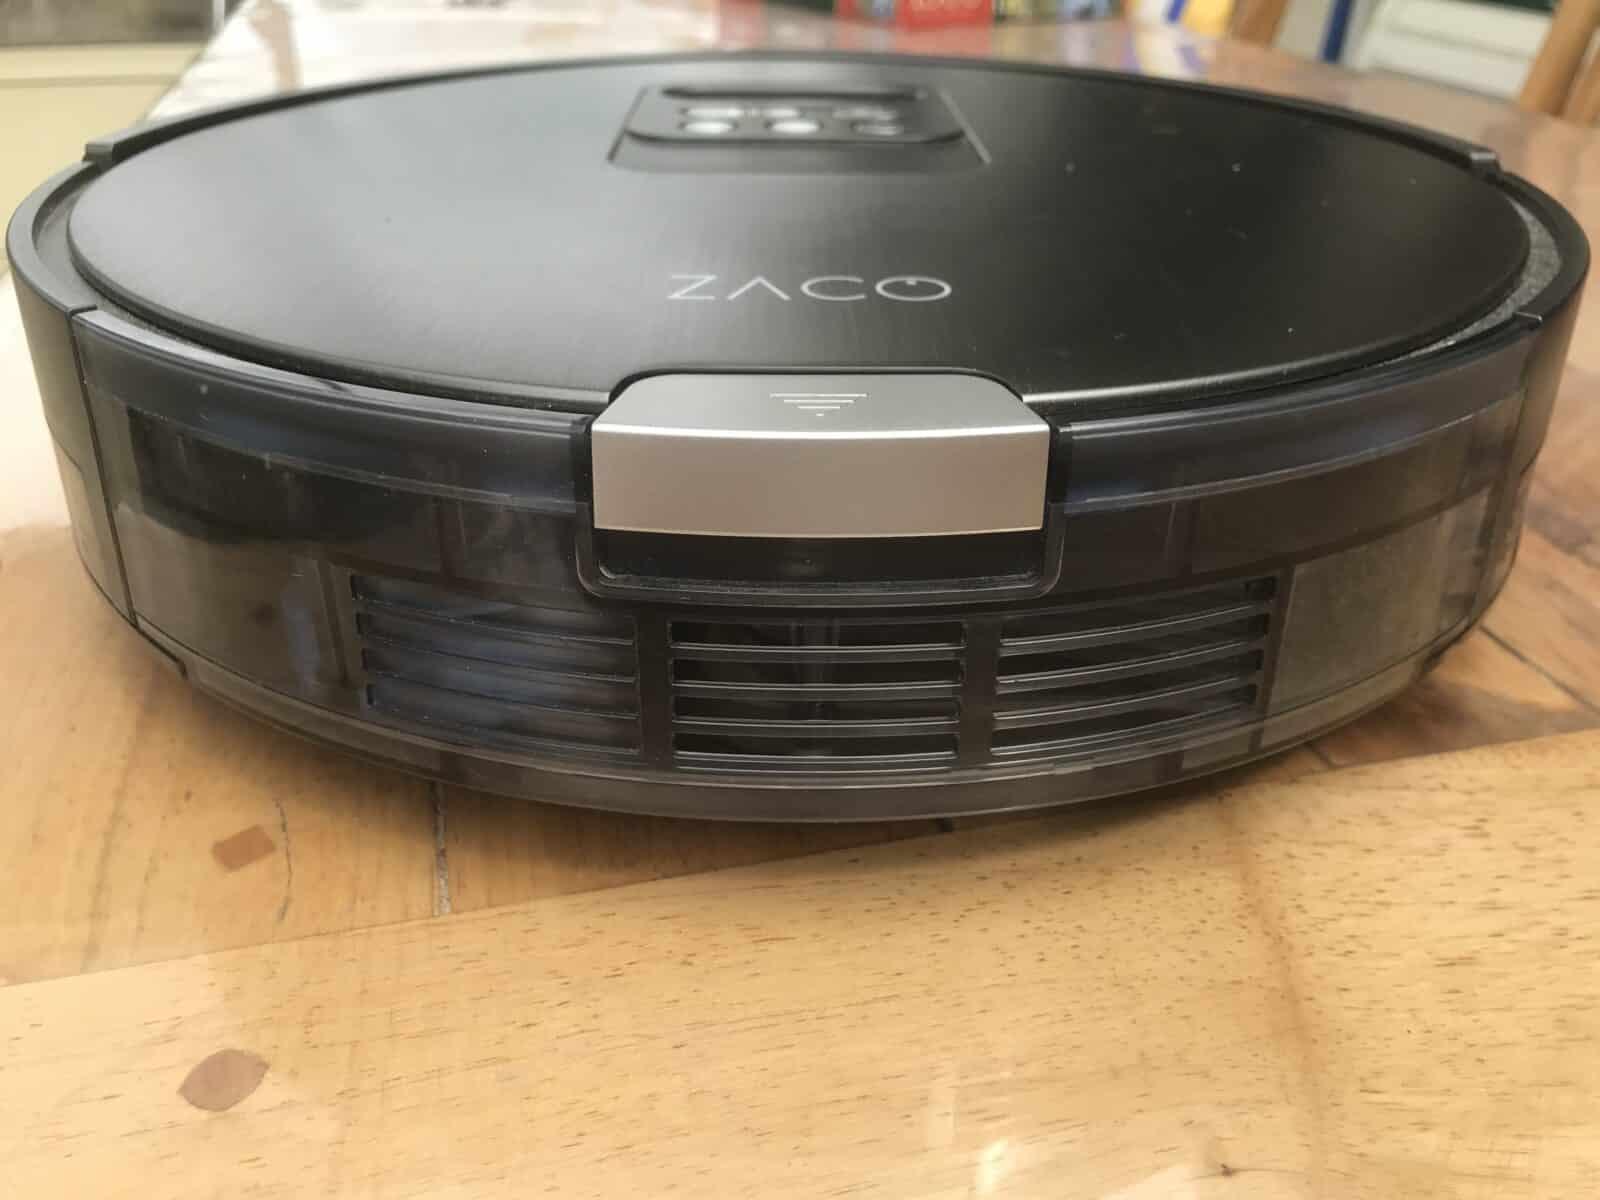 Zaco V85